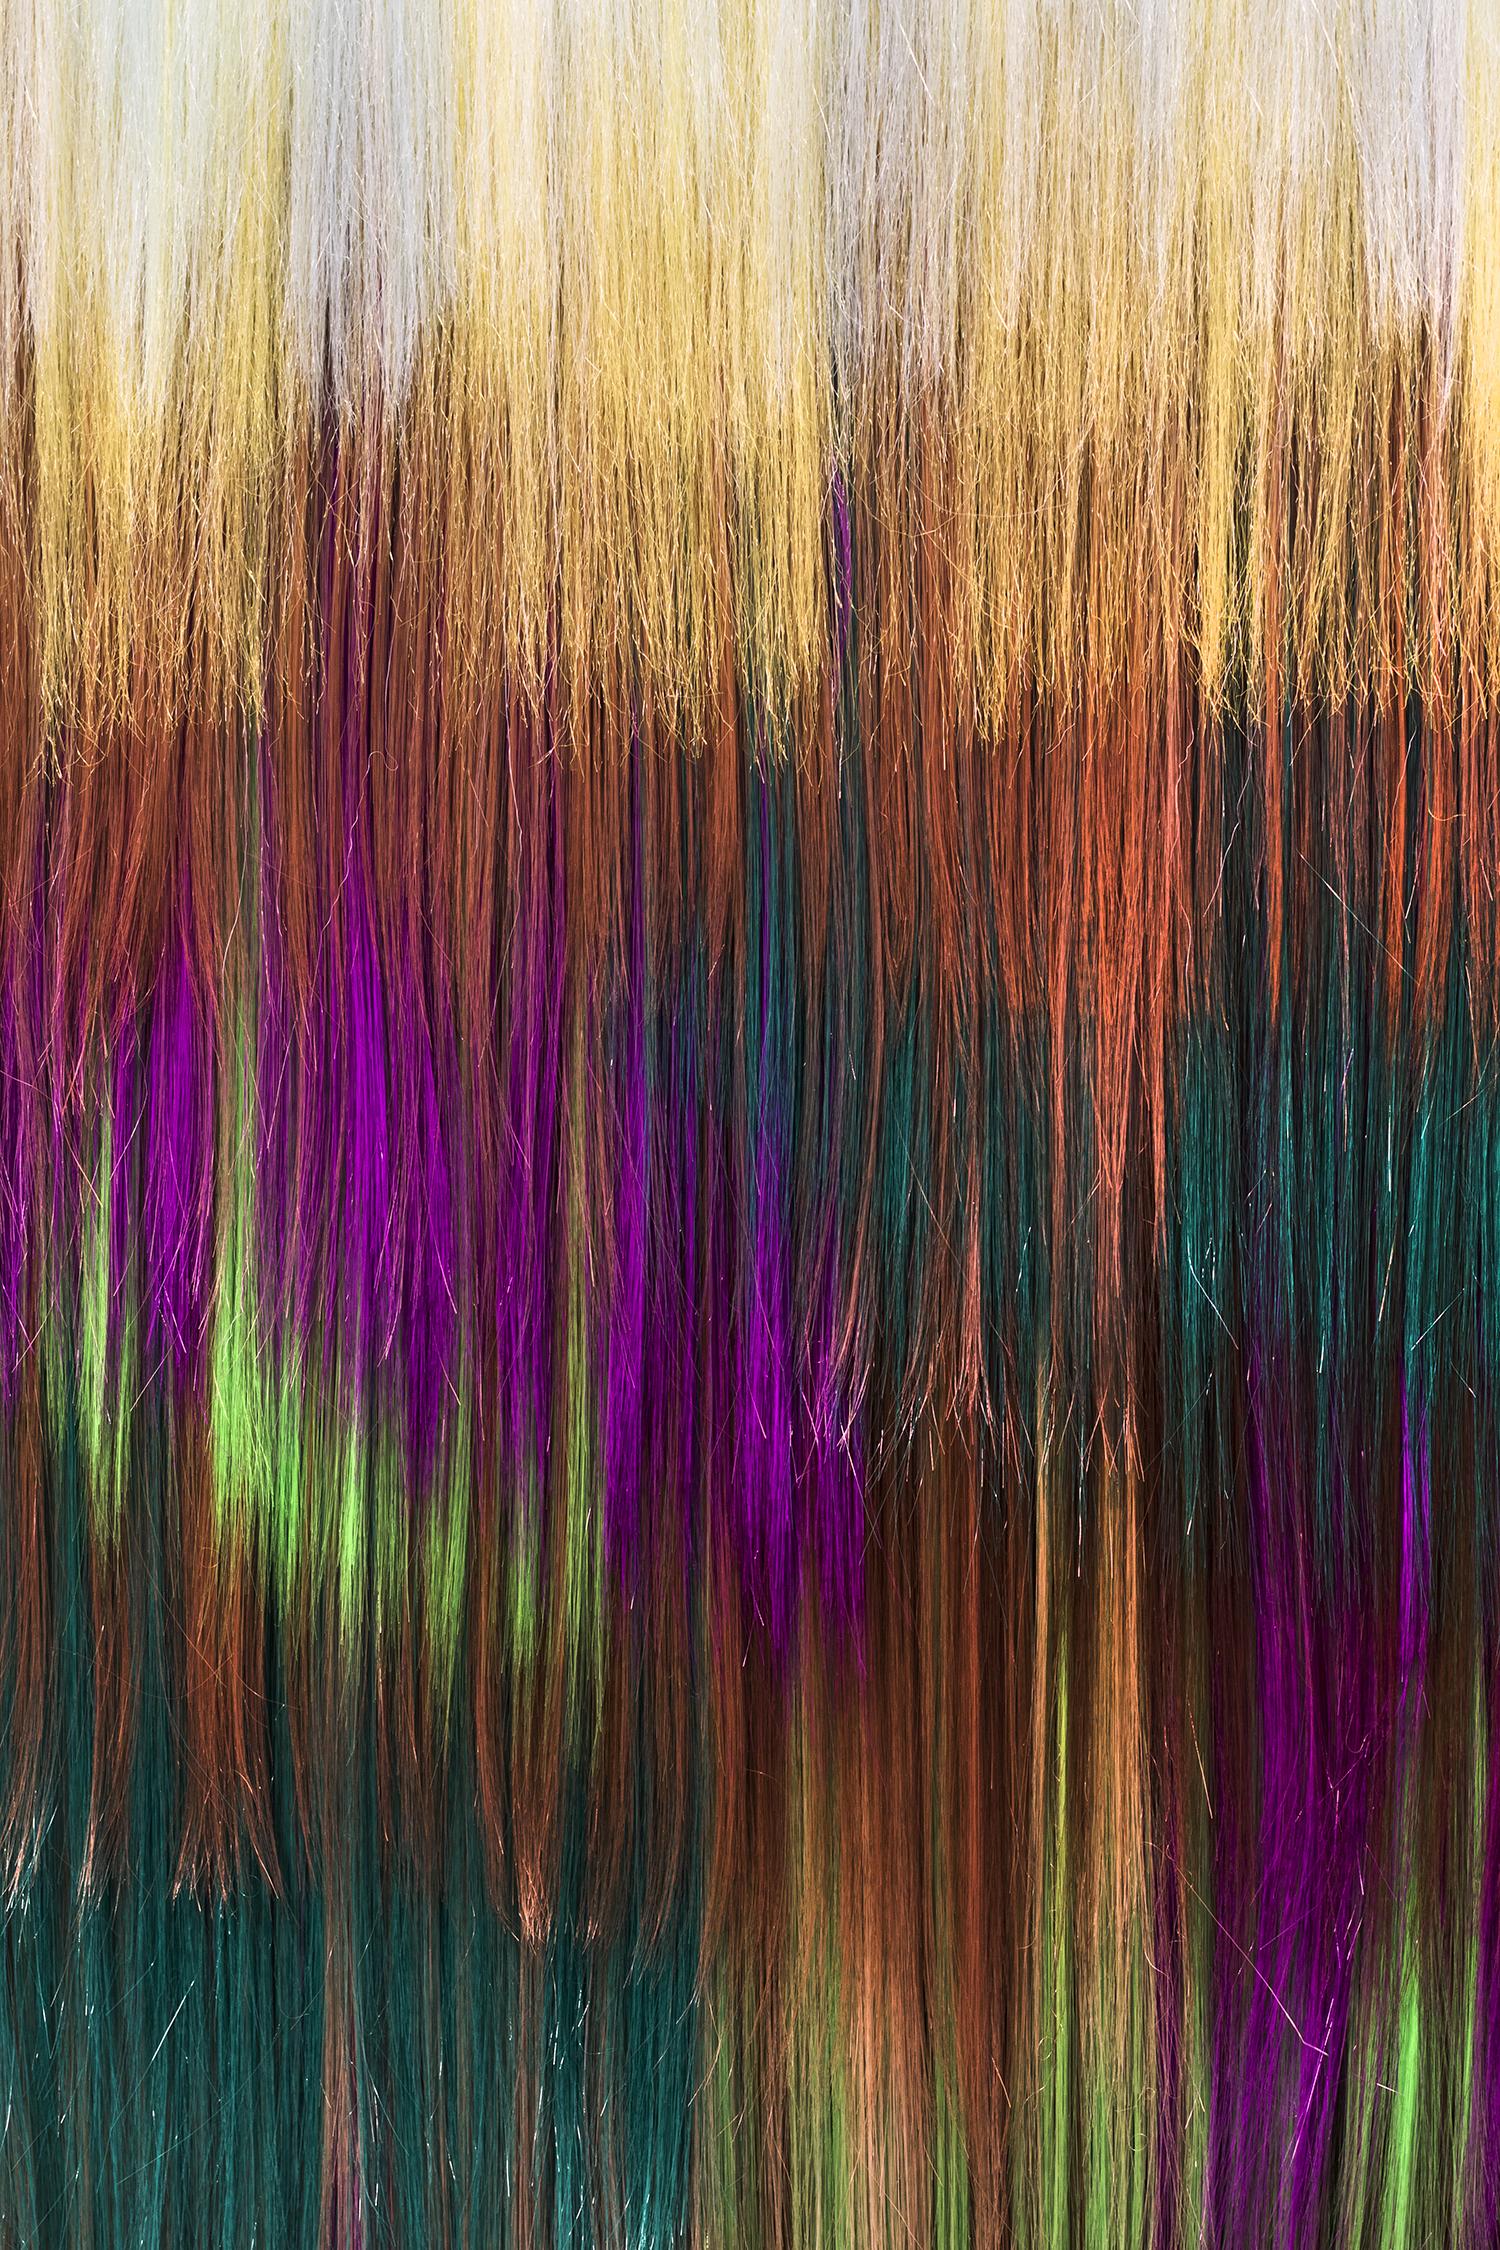 Kristin Hjellegjerde Gallery: Hiva Alizadeh. Foto © I DO ART Agency.